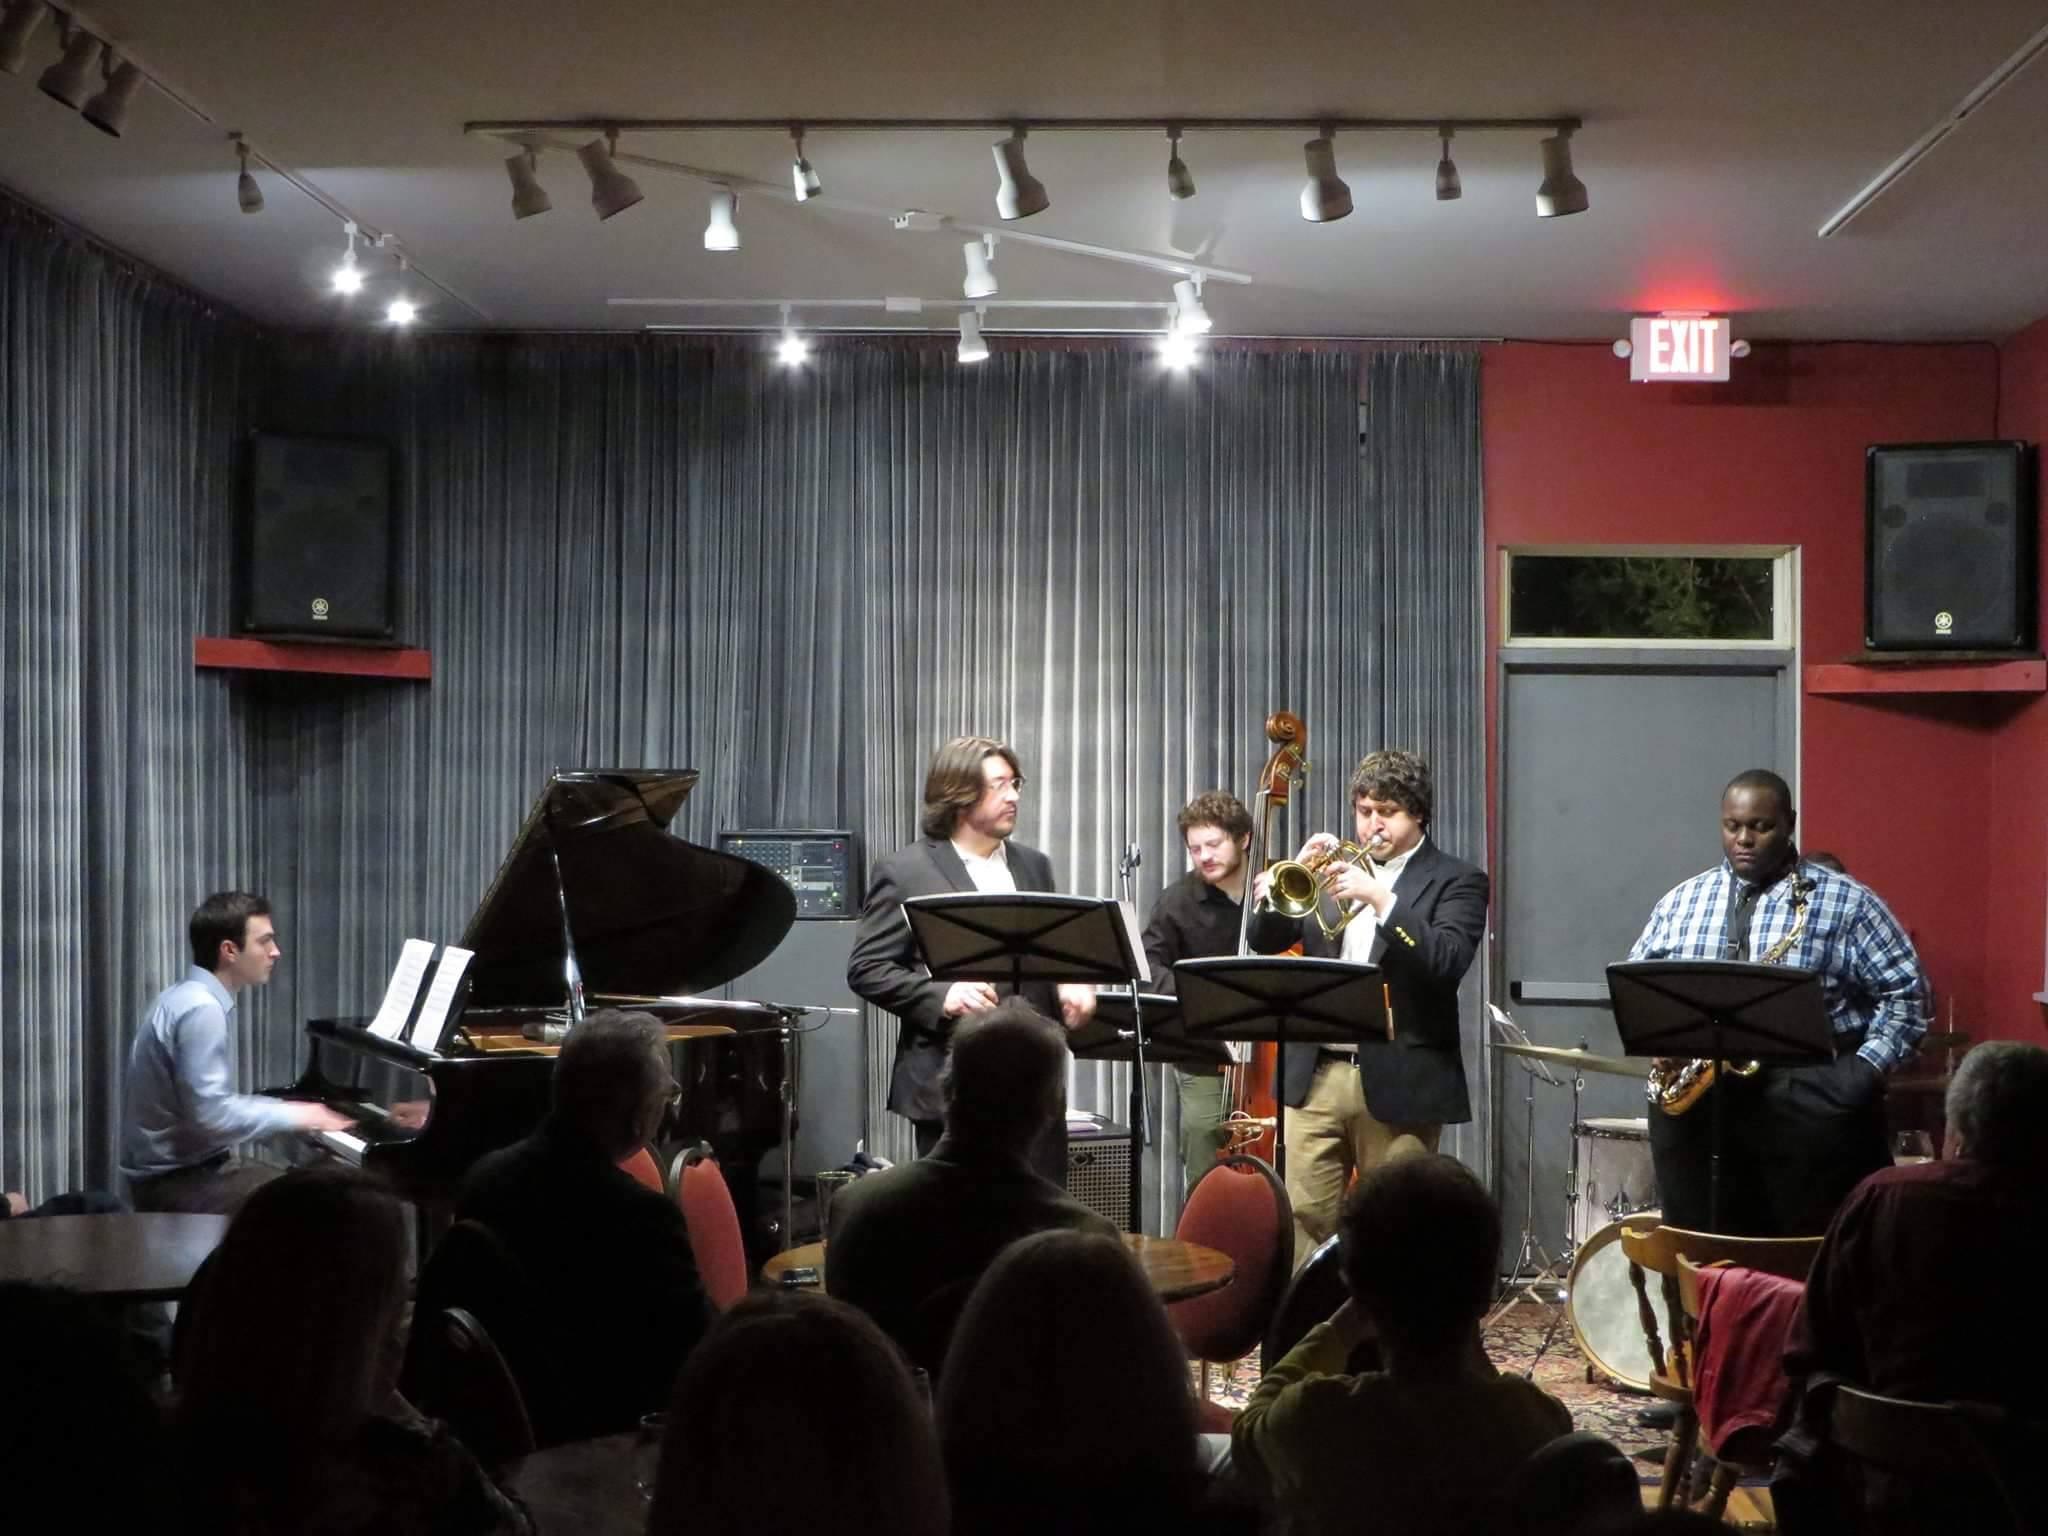 The Jacob Jay/Dalton Sharp Quintet